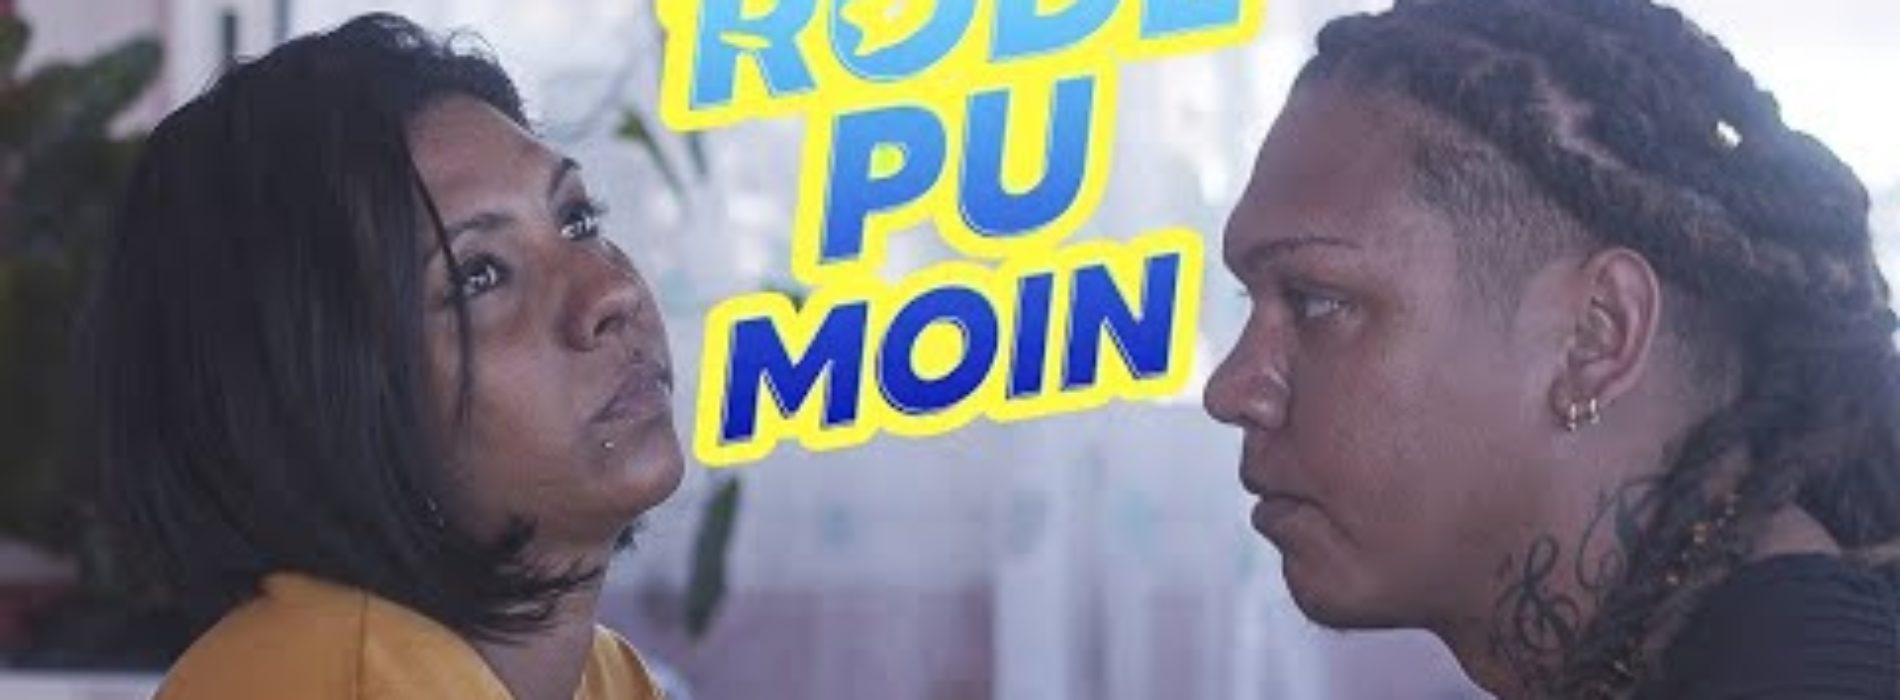 SÉGA – Morgan Feat Aniella – Rode pu moin – Clip officiel – Octobre 2020